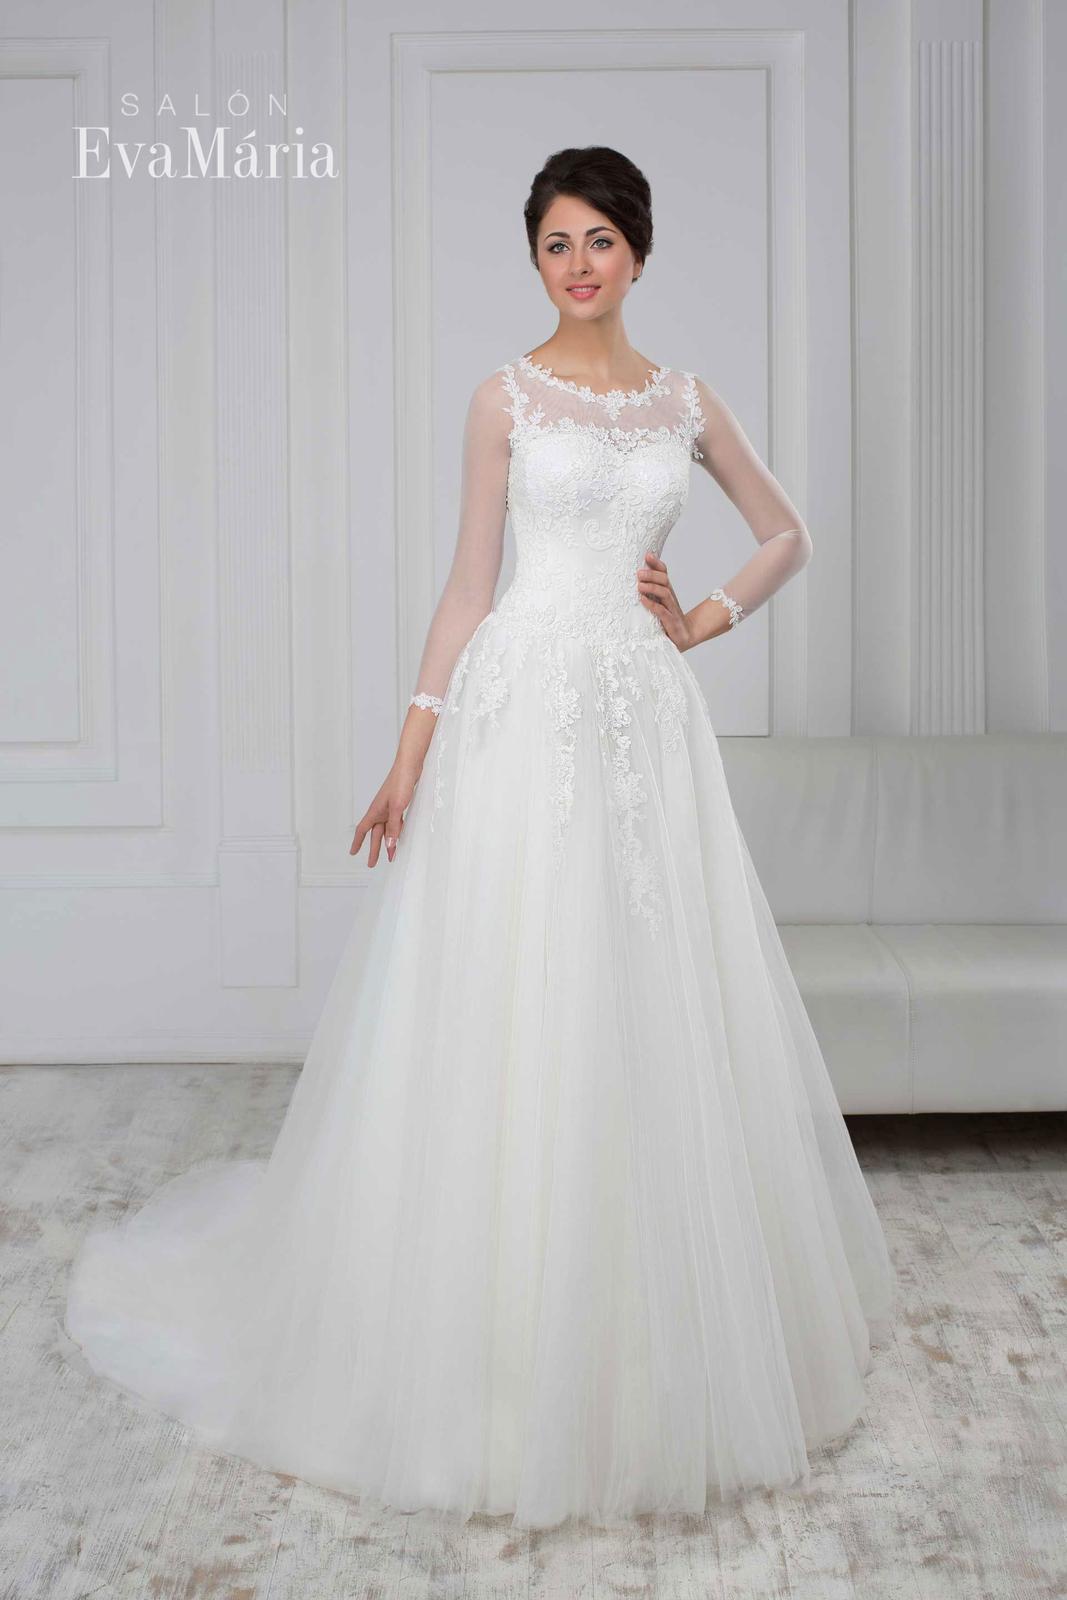 ae0a04cc9419 Svadobné šaty s 3 4 rukávom